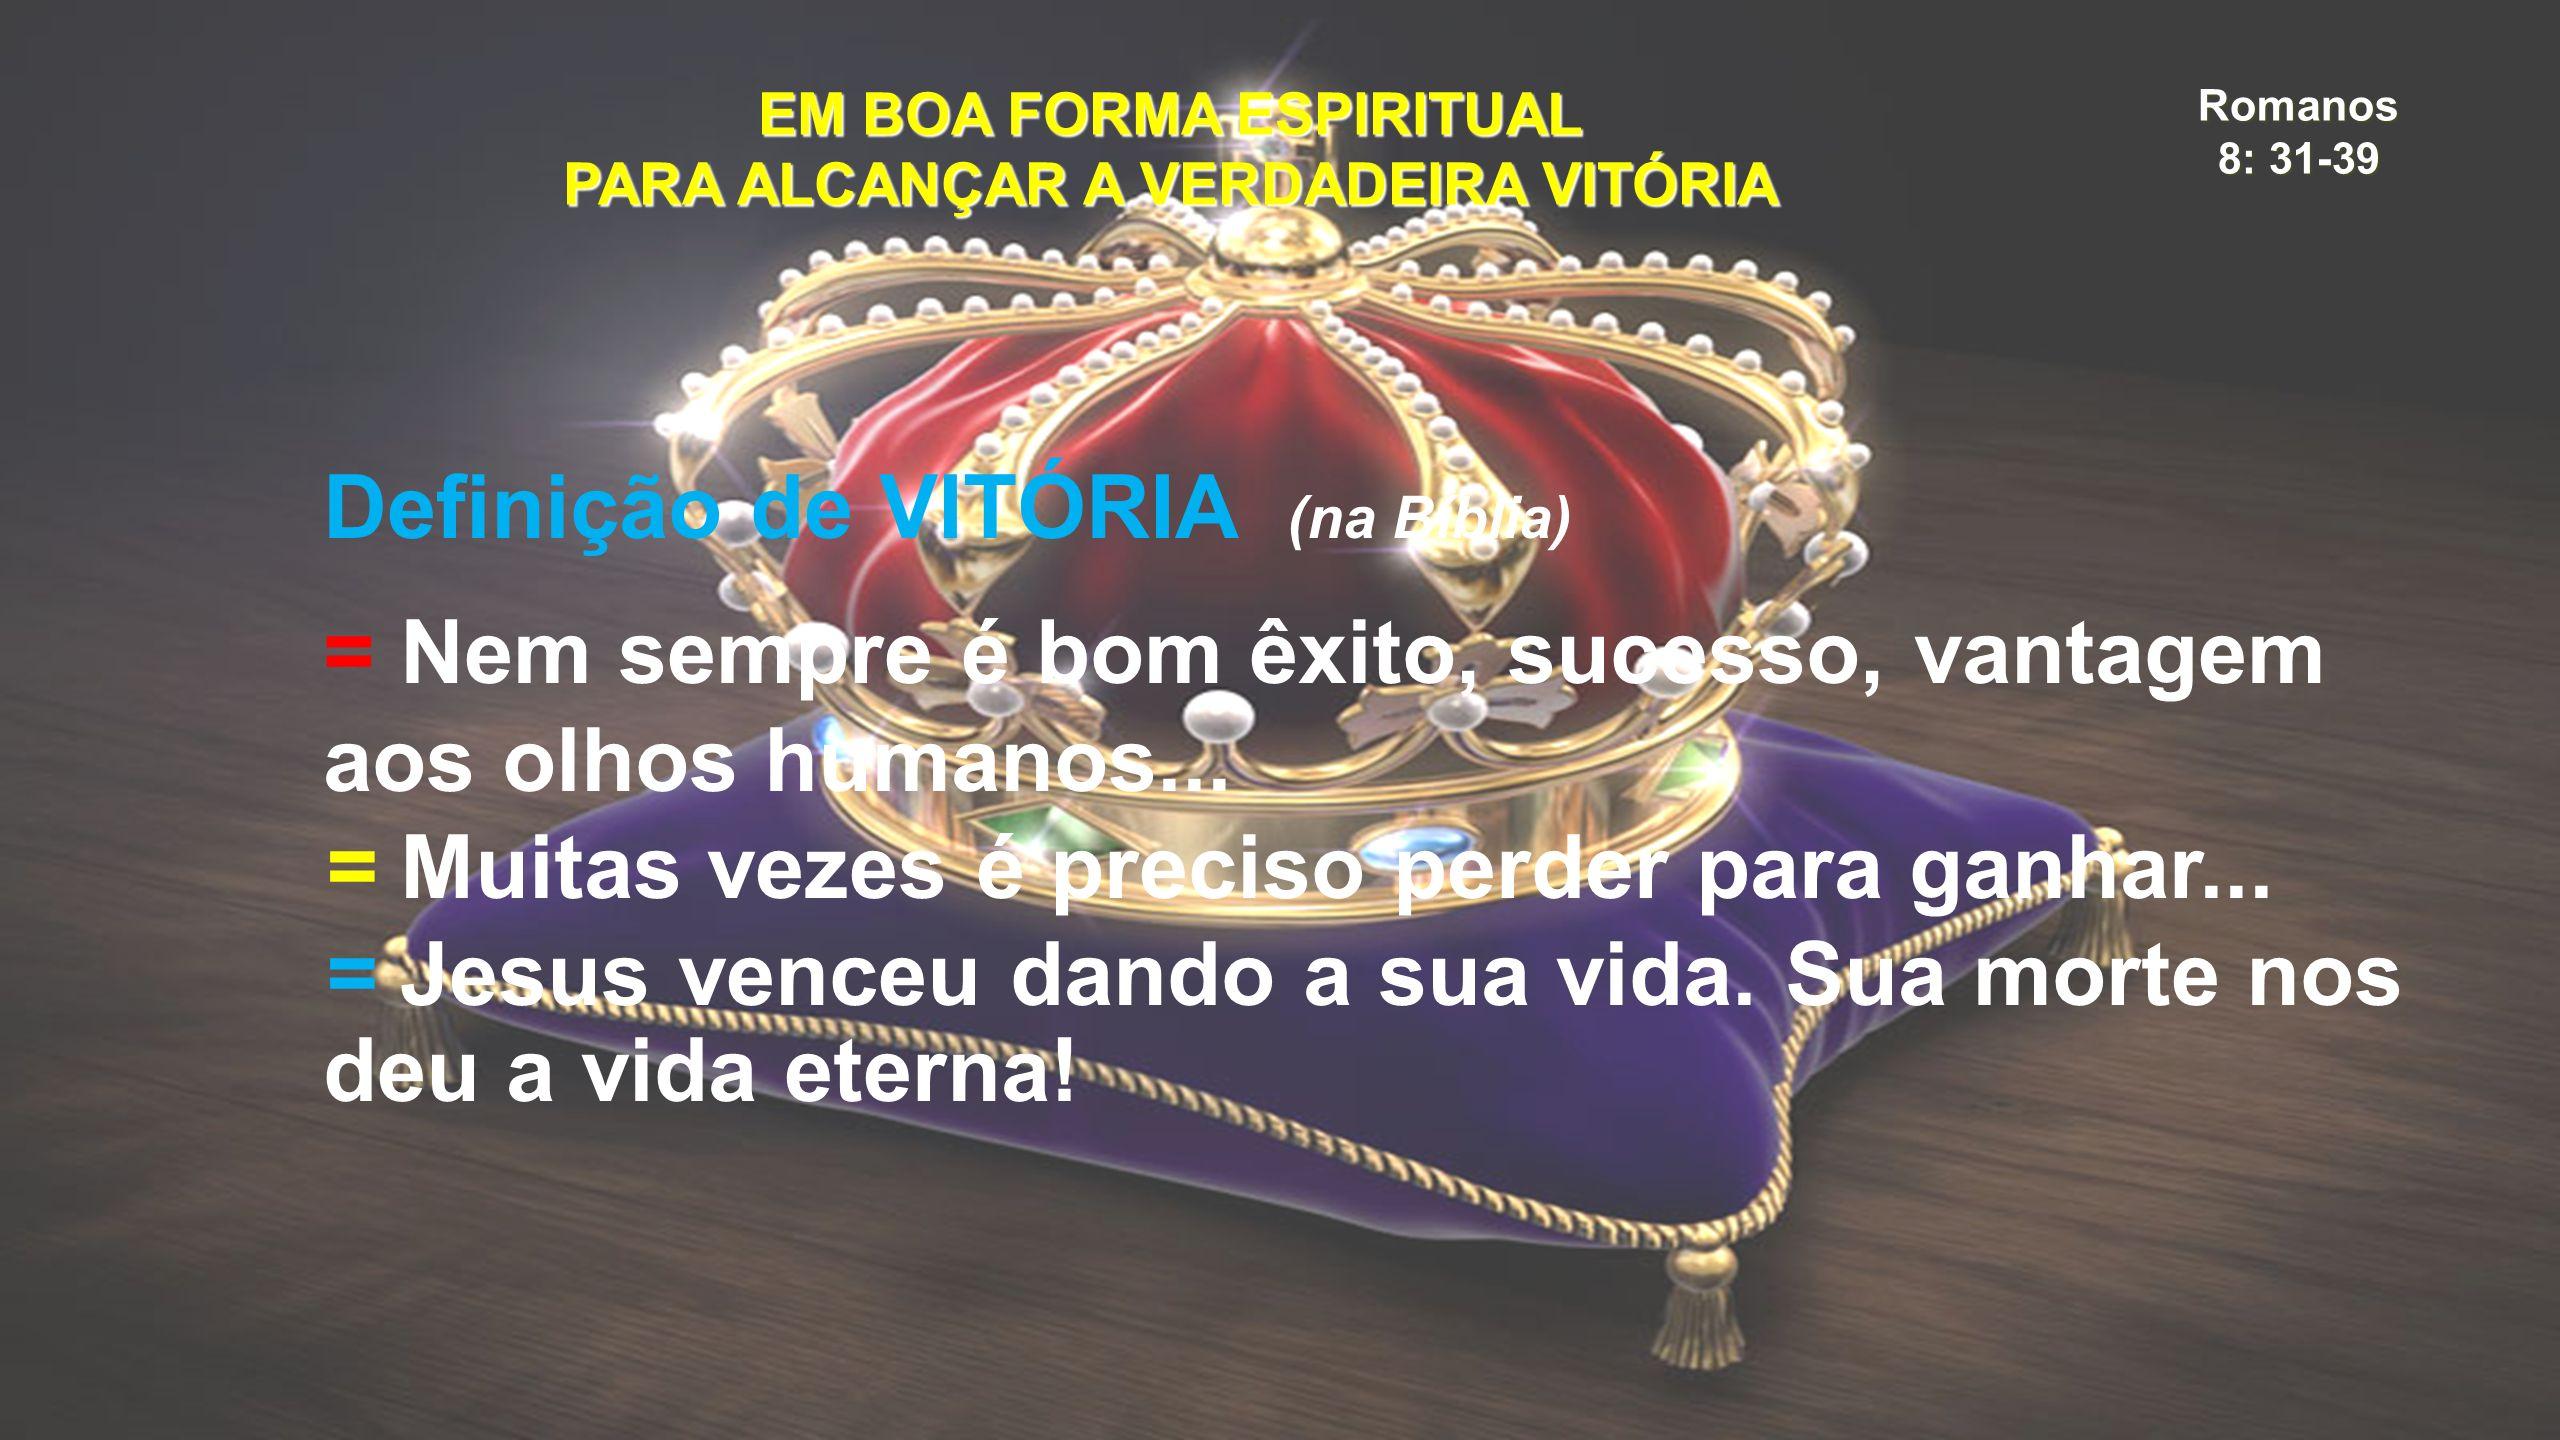 Romanos 8: 31-39 EM BOA FORMA ESPIRITUAL PARA ALCANÇAR A VERDADEIRA VITÓRIA 2.